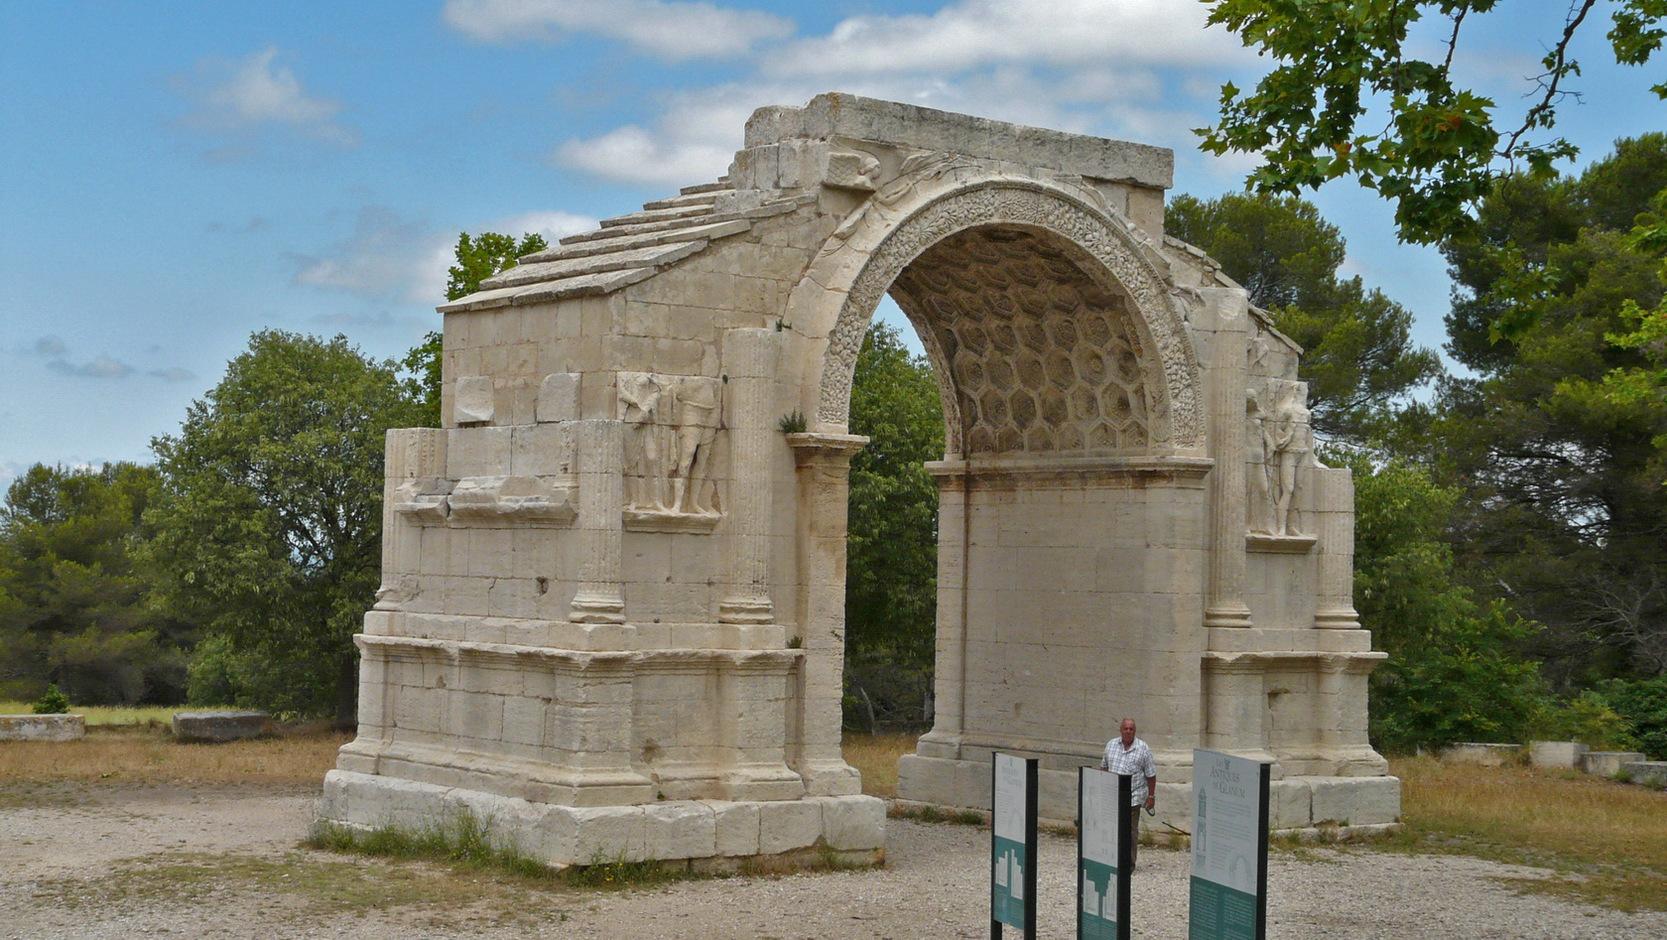 Saint remy de provence 02 rolf maltas website for Entretien jardin st remy de provence